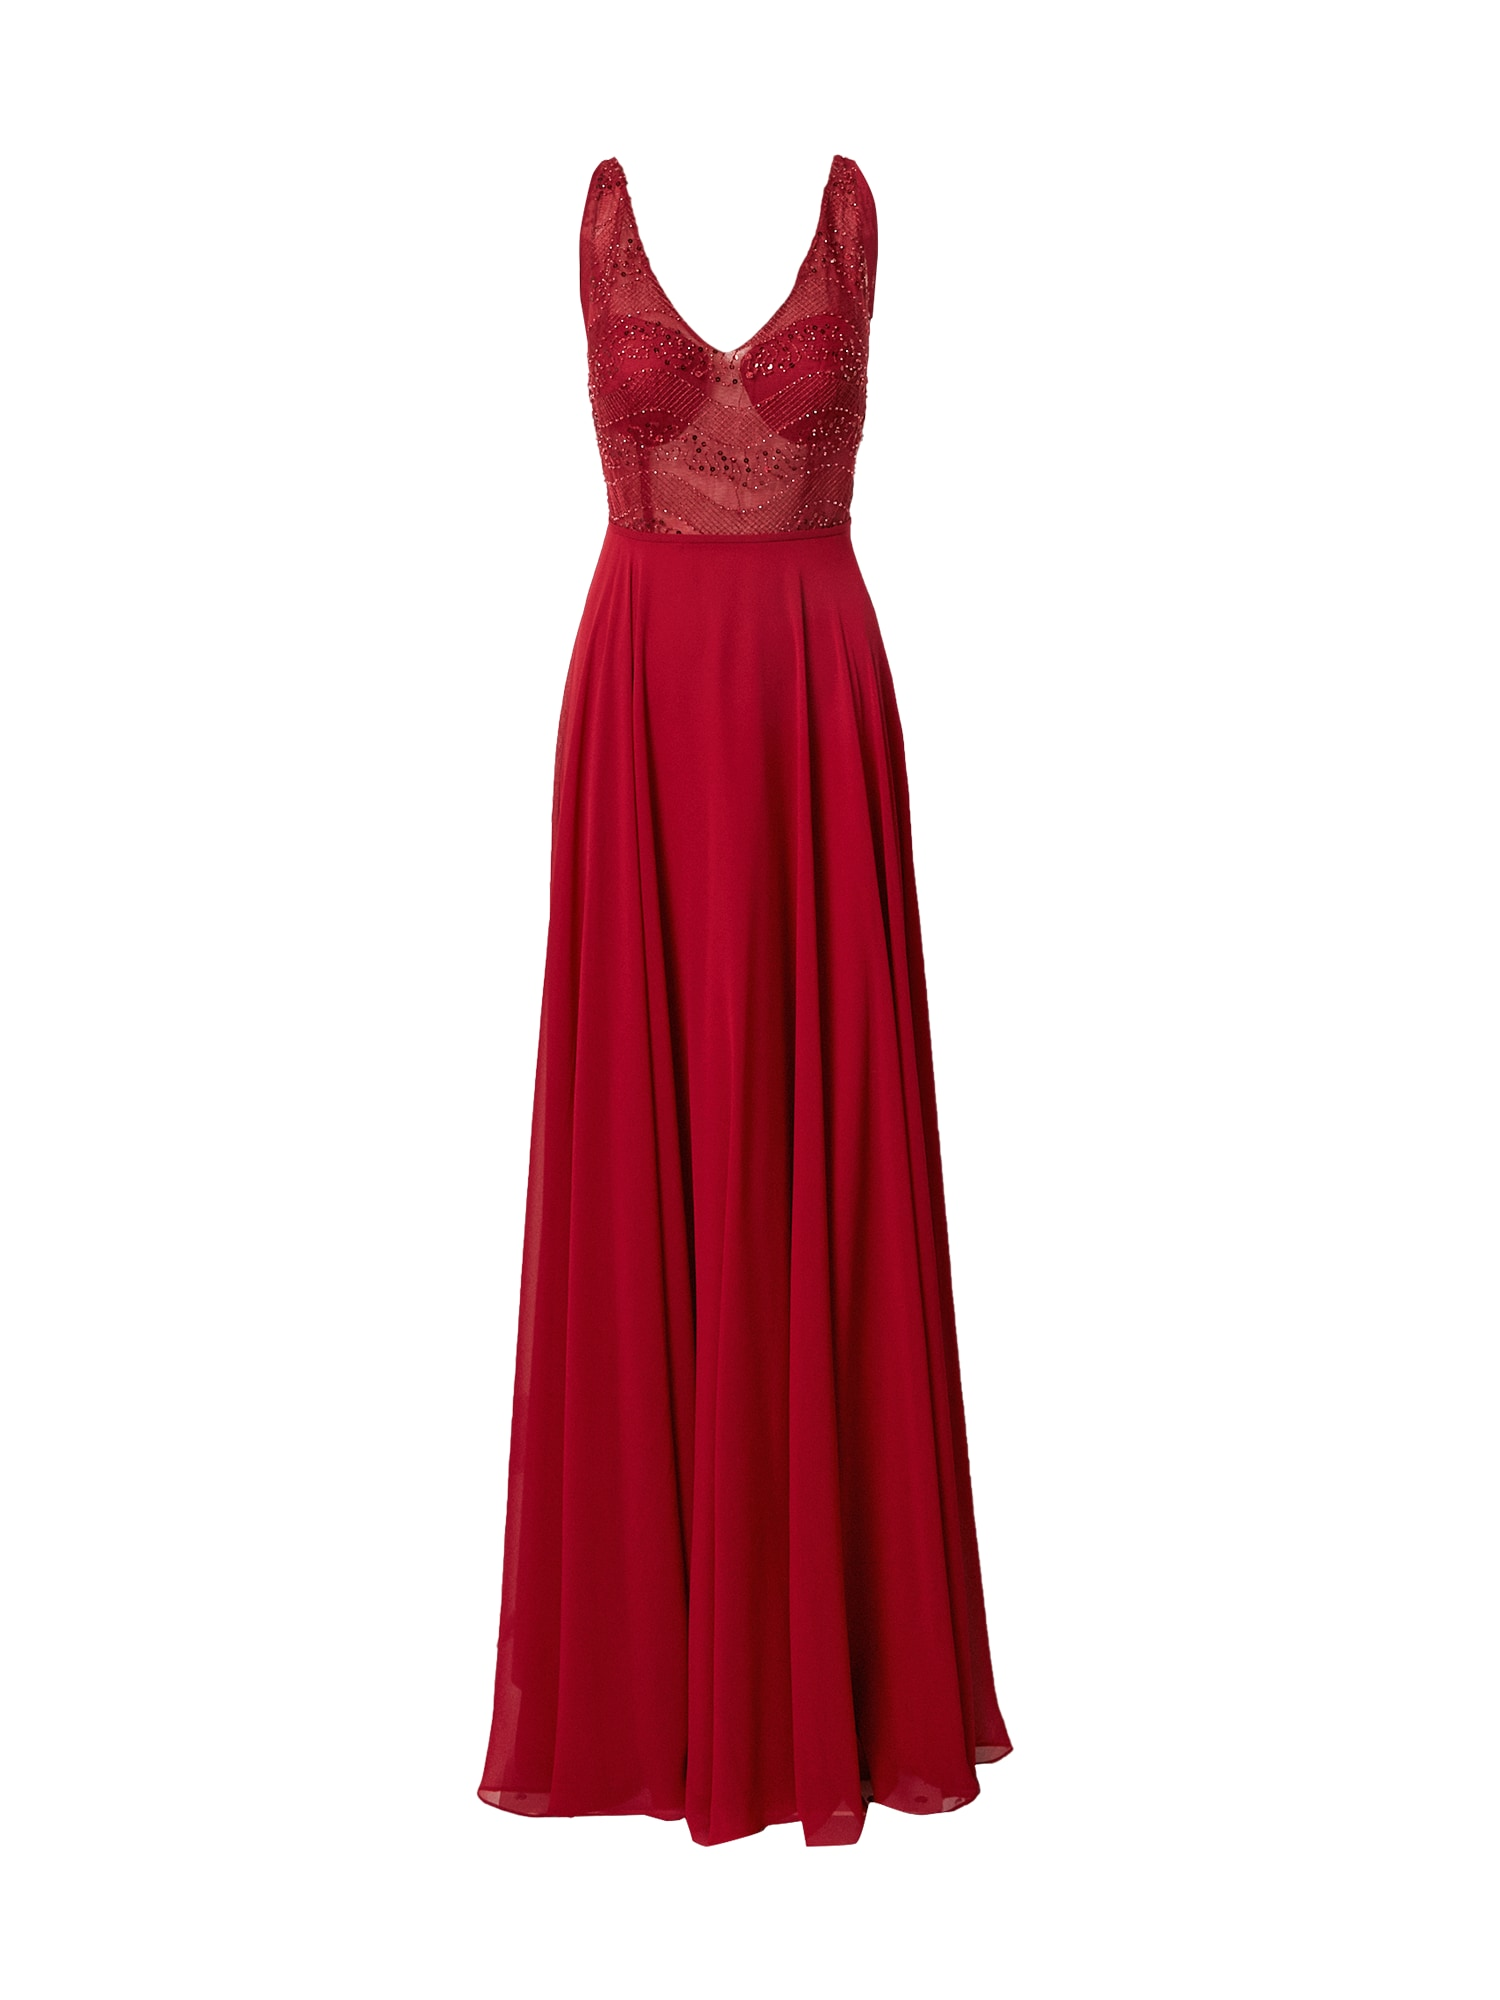 STAR NIGHT Vakarinė suknelė raudona